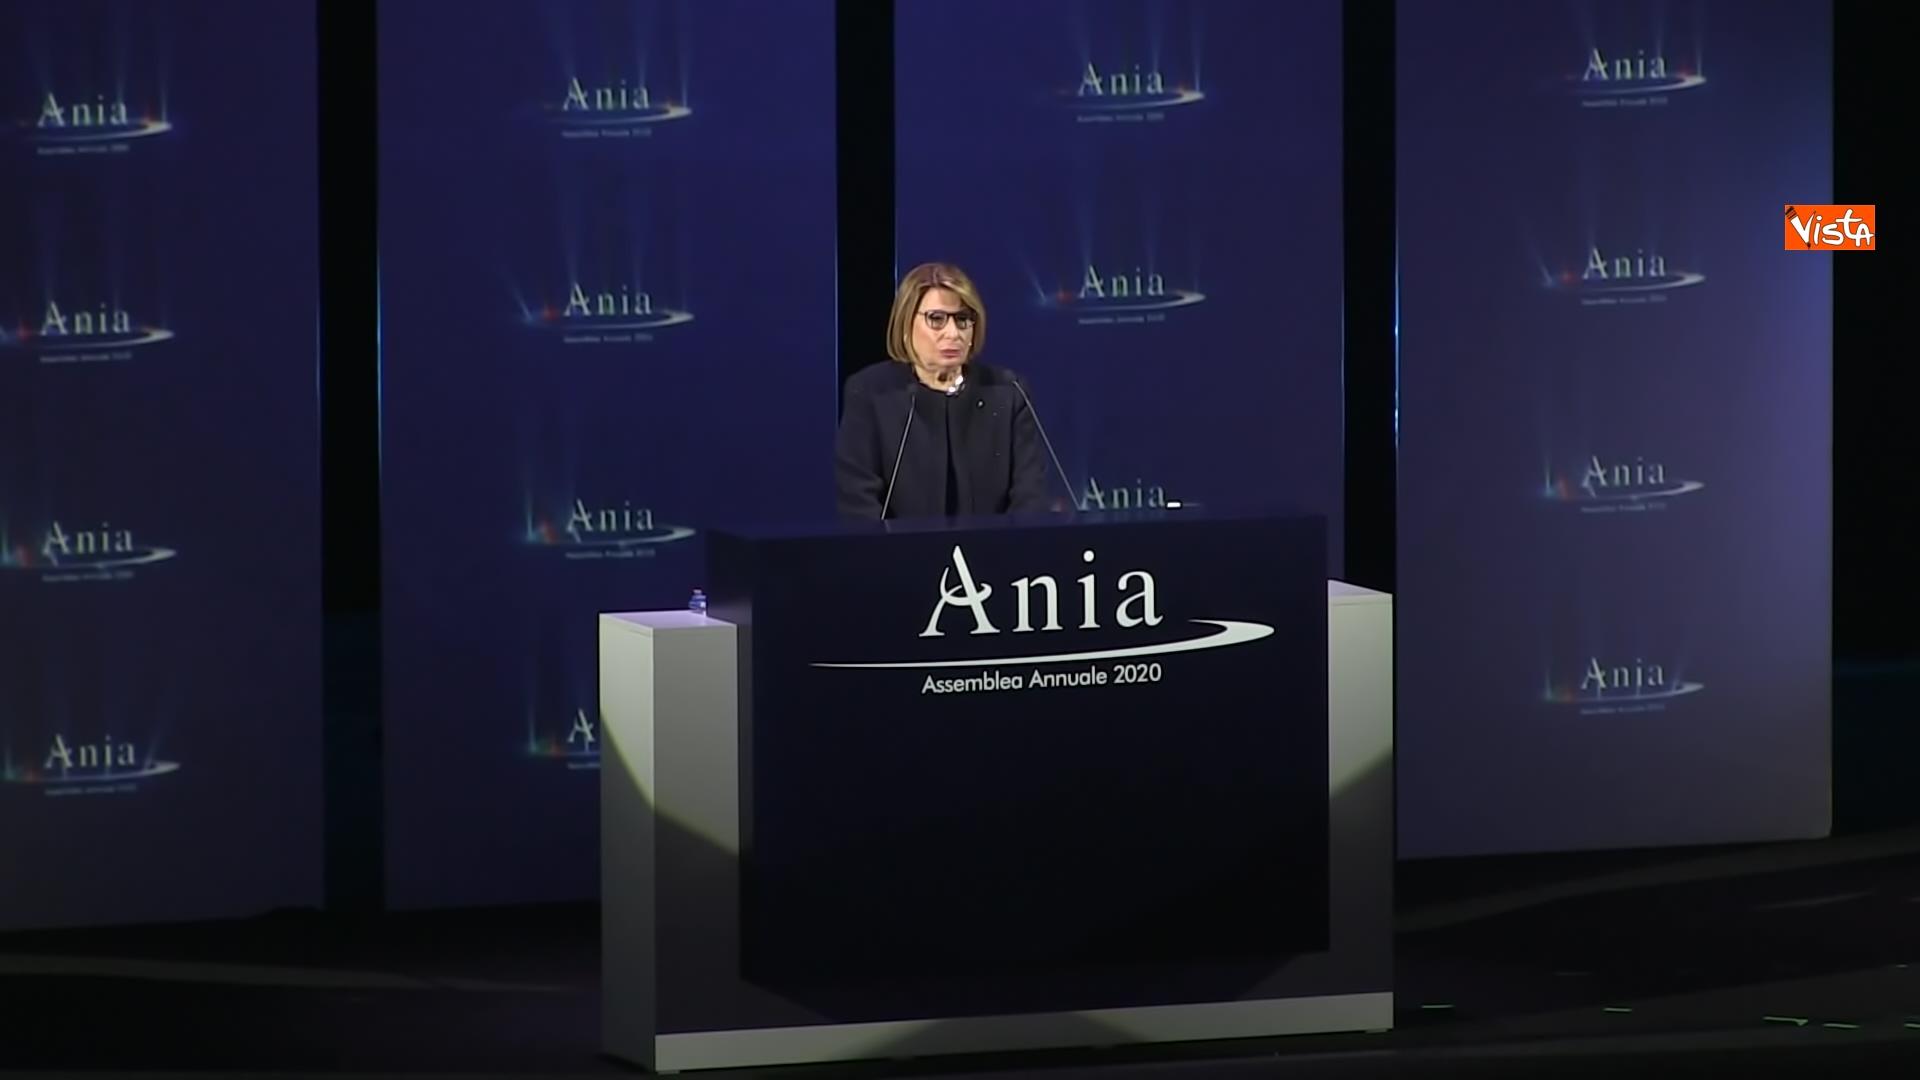 19-10-20 Ania l assemblea annuale 2020 con Conte e Patuanelli in video collegamento immagini_11